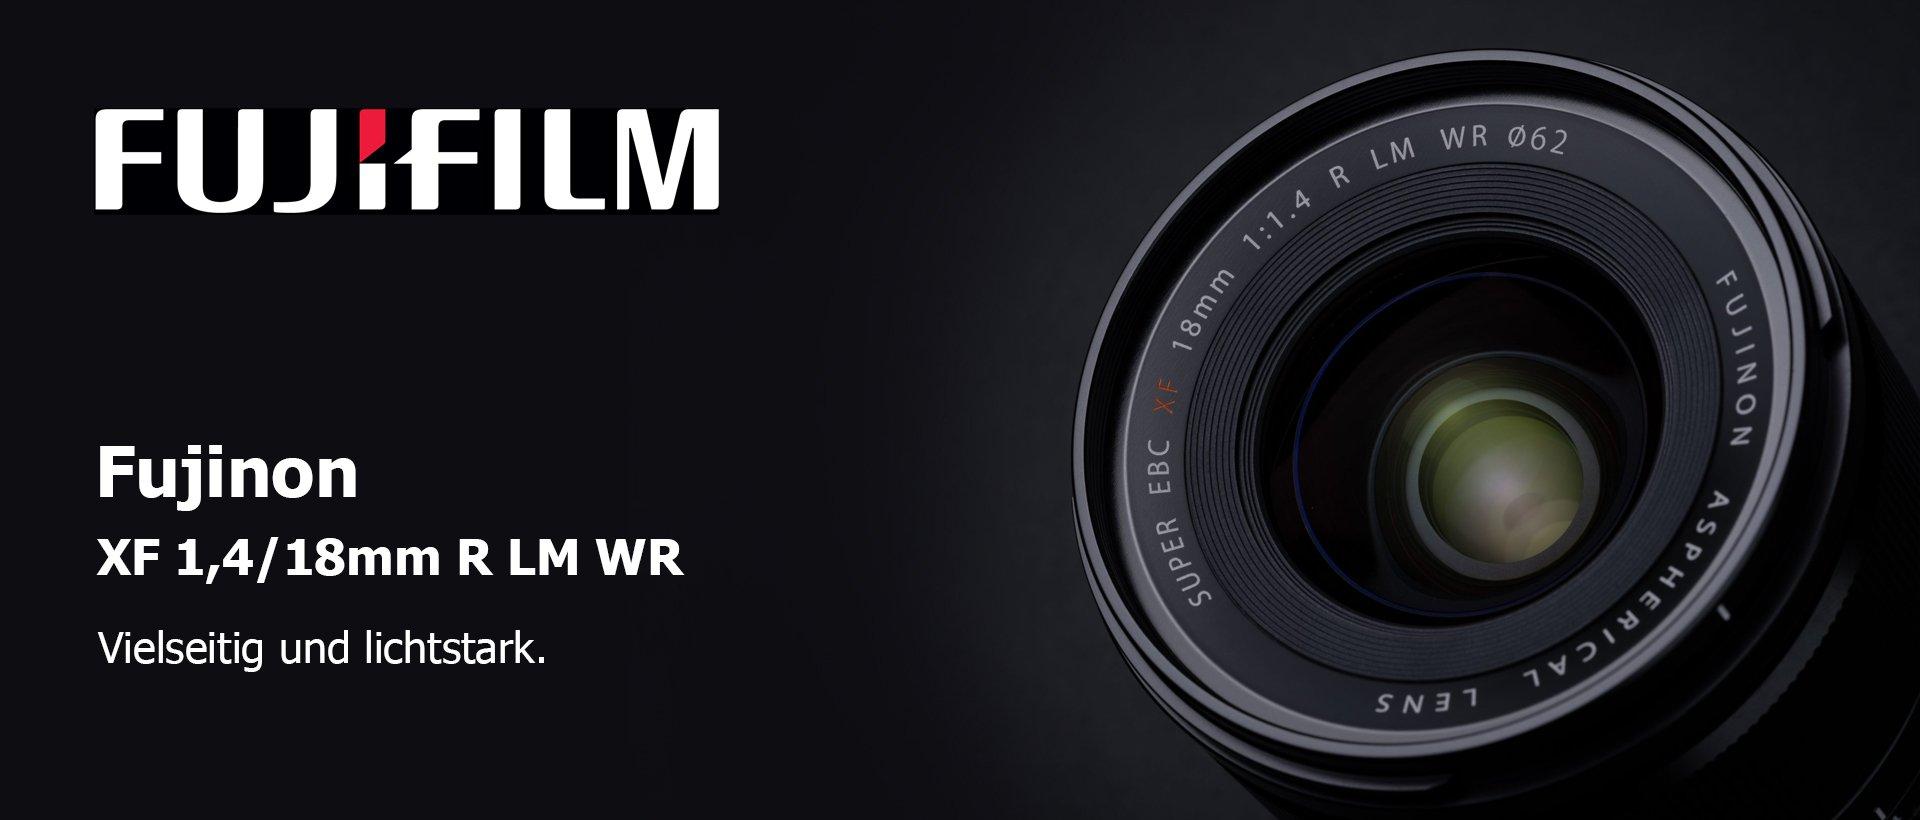 Fujinon XF 1,4/18mm R LM WR